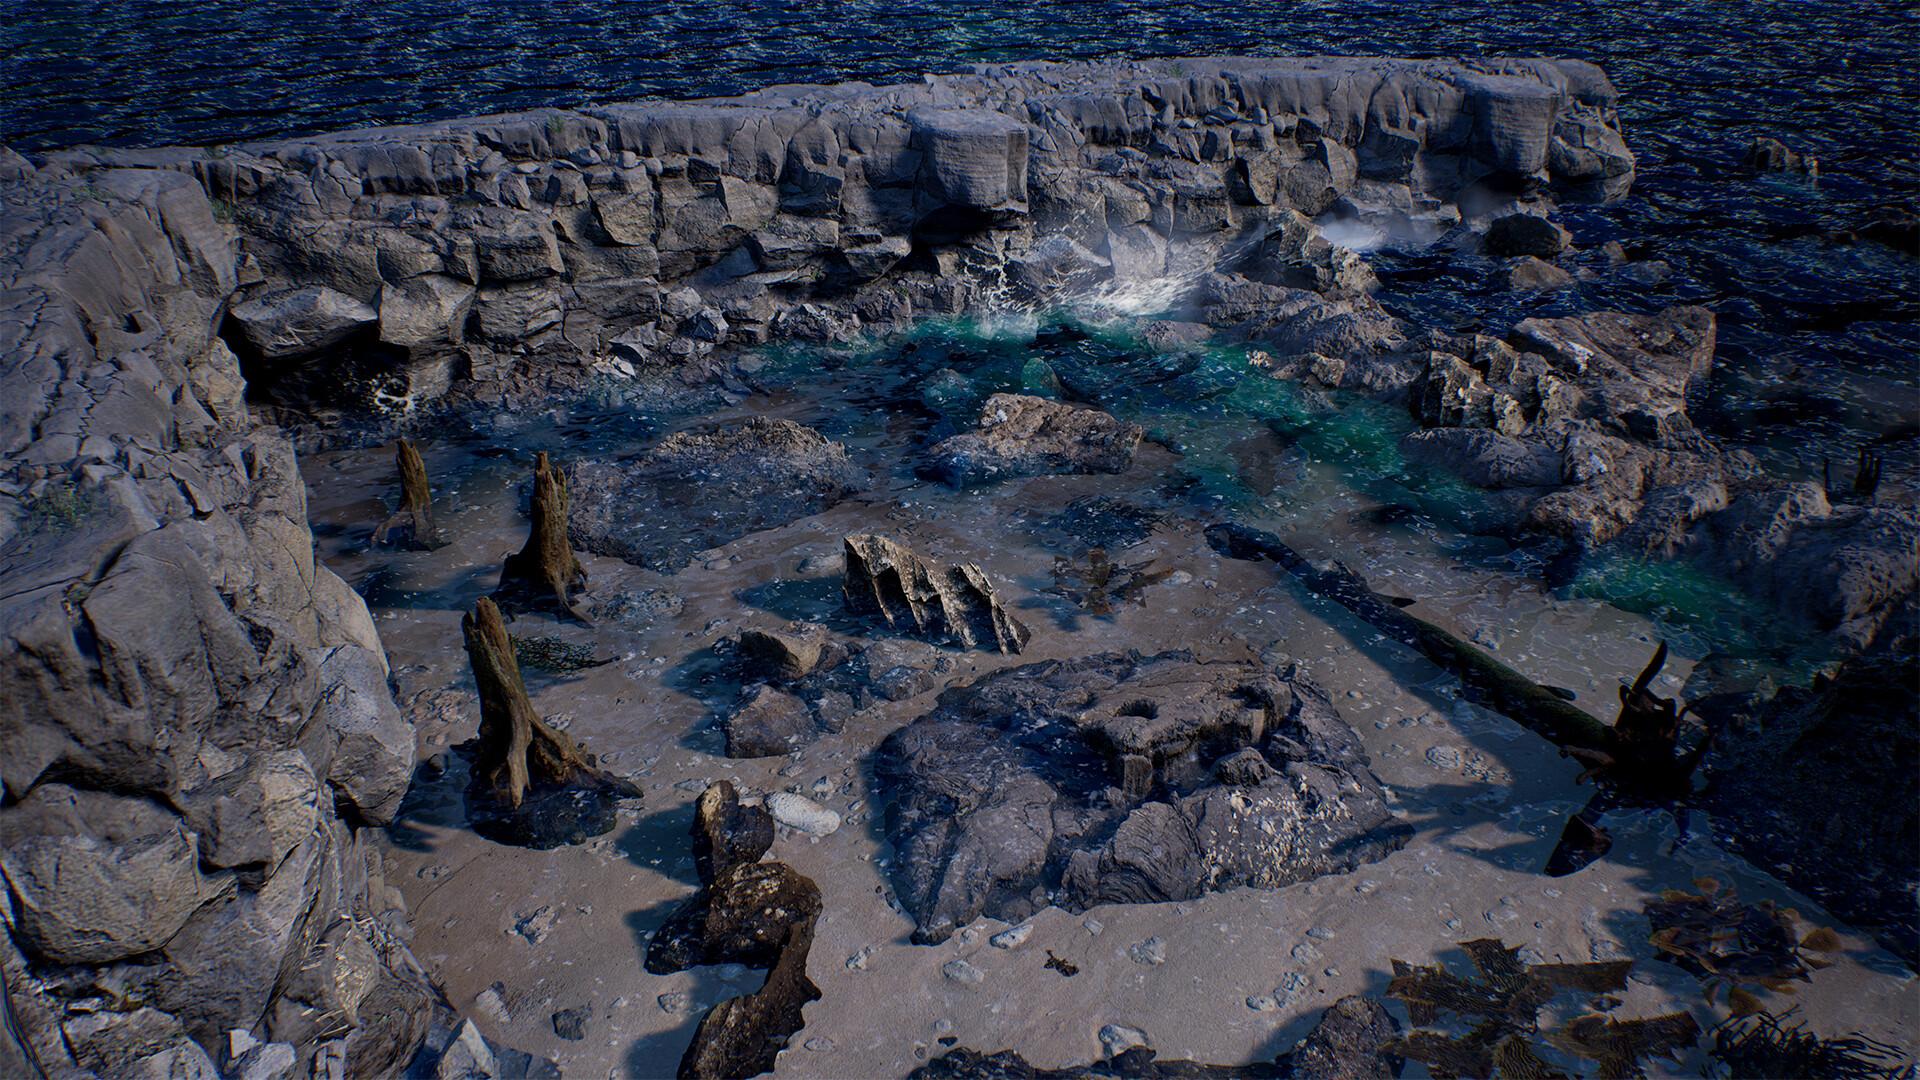 Calvin cropley calvin cropley megascan cliffside 03